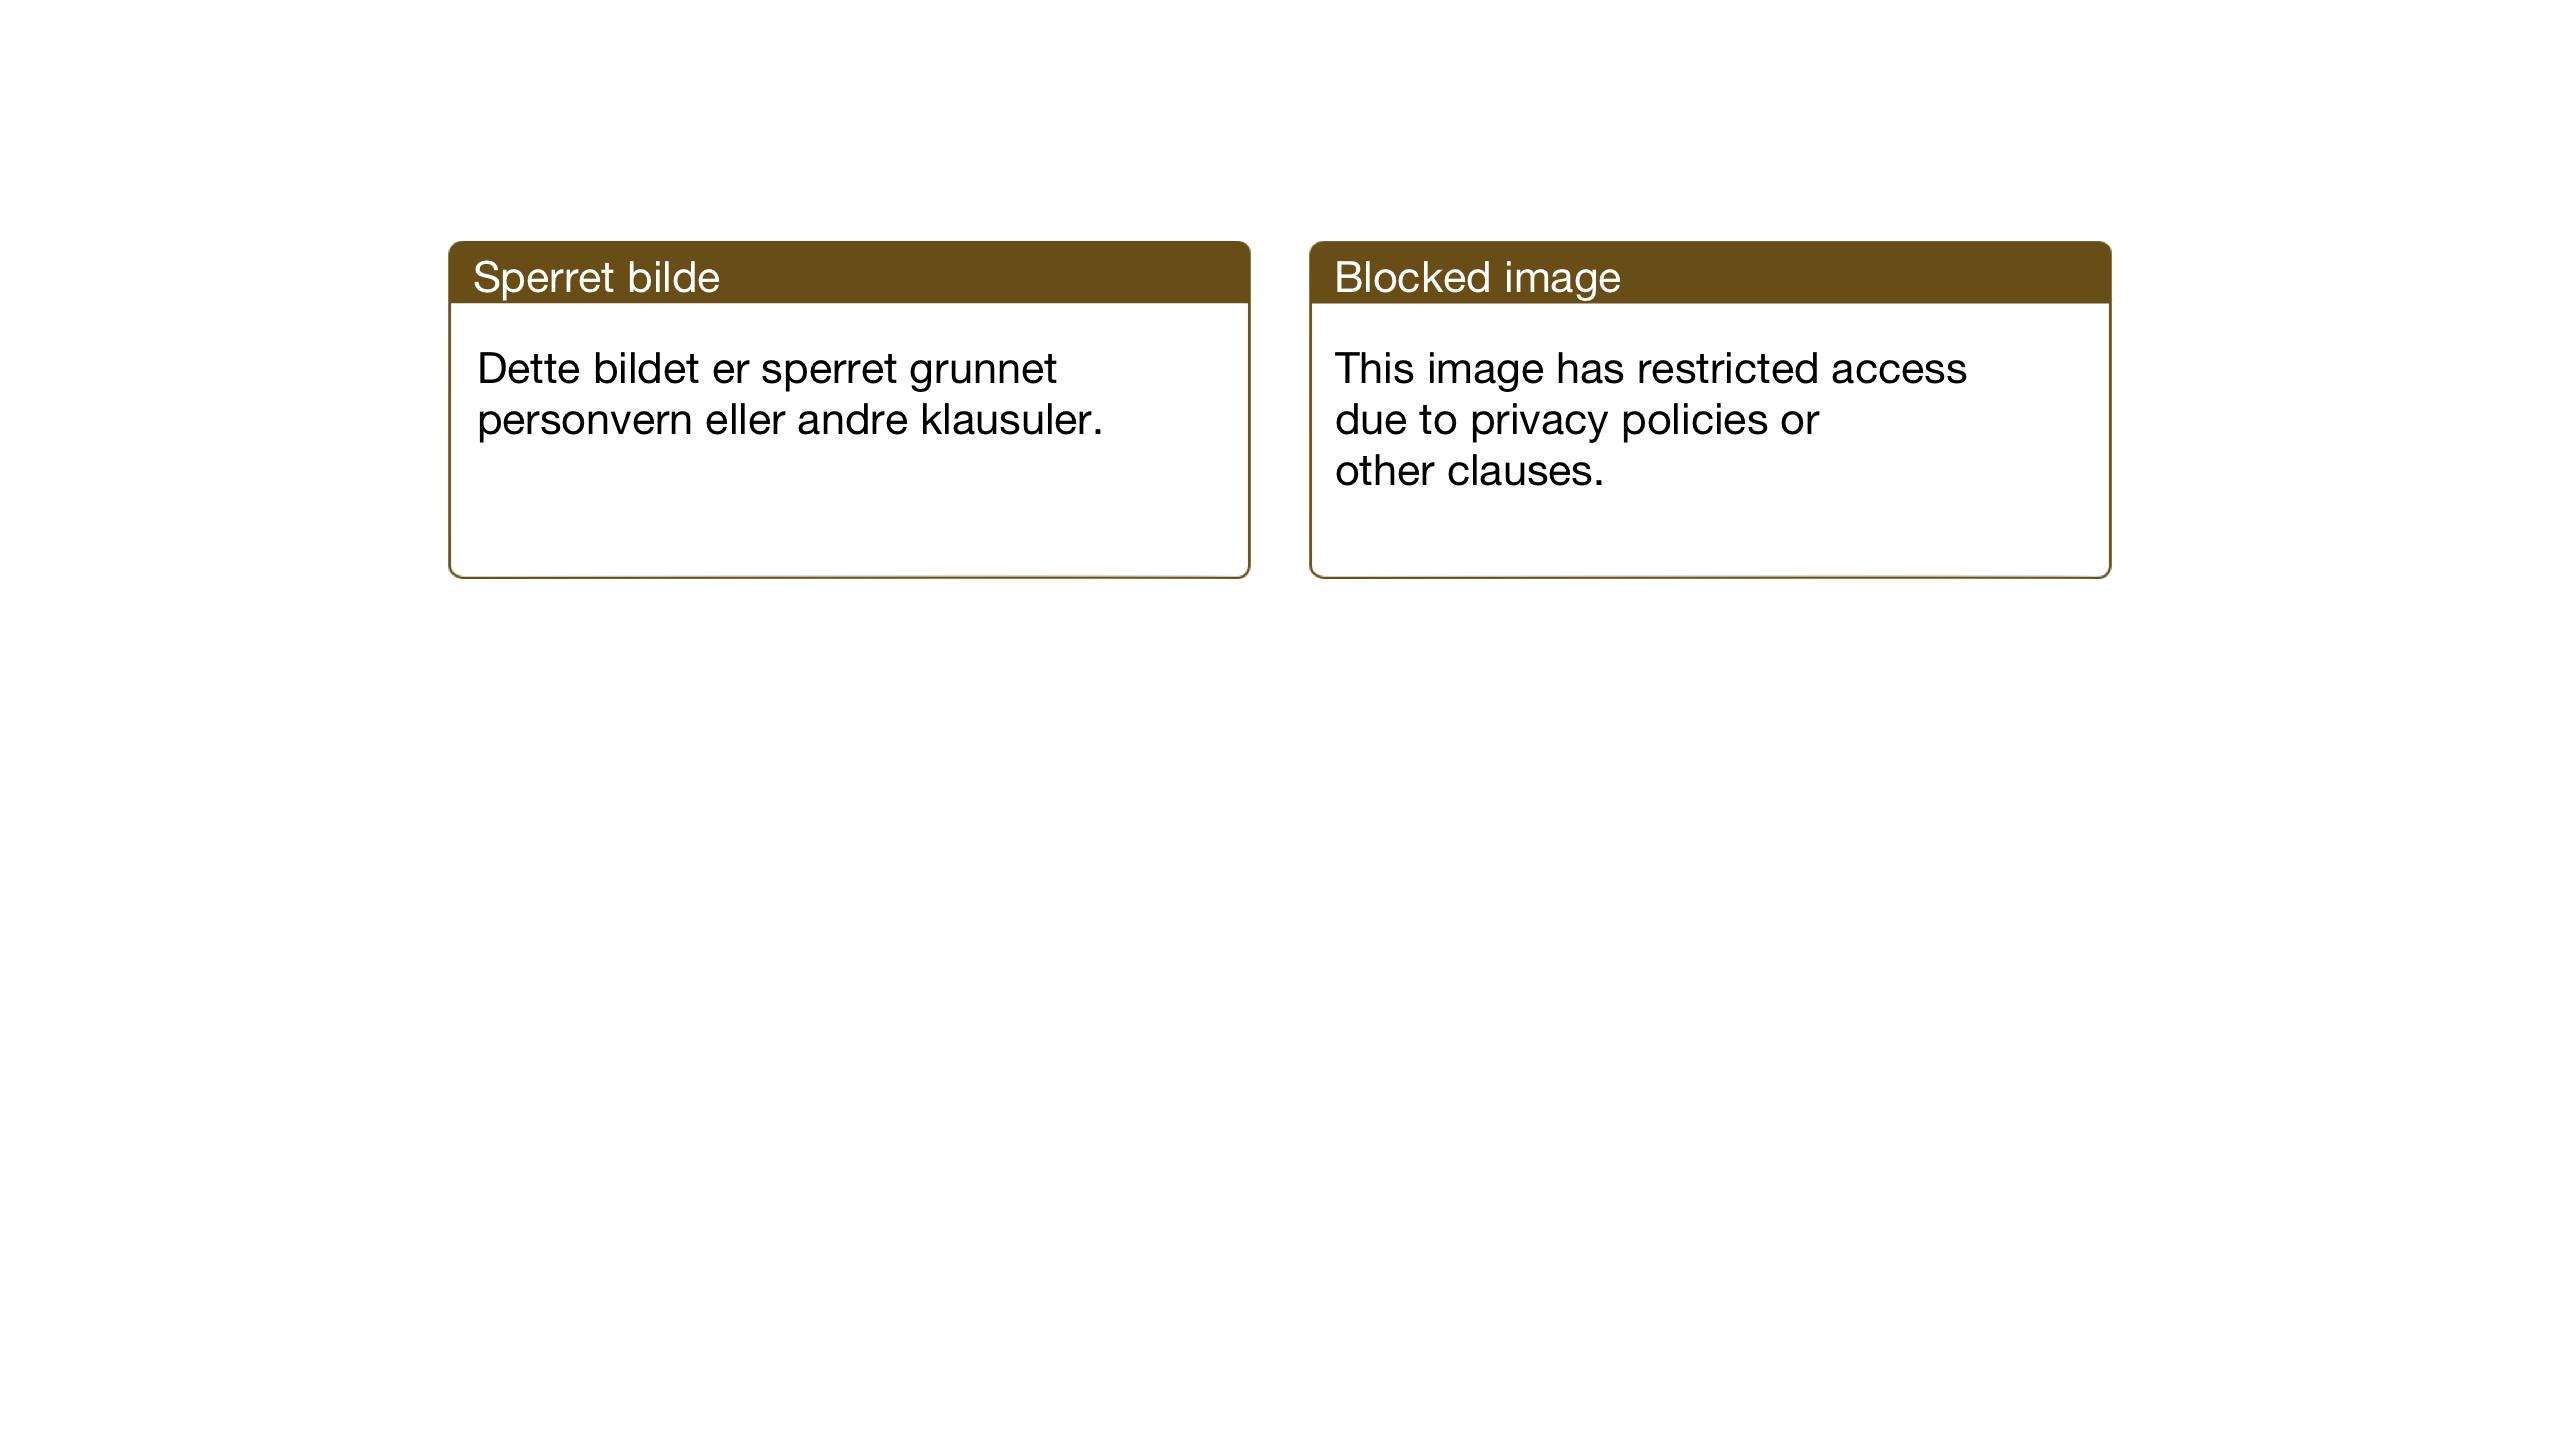 SAT, Ministerialprotokoller, klokkerbøker og fødselsregistre - Sør-Trøndelag, 674/L0878: Klokkerbok nr. 674C05, 1941-1950, s. 52